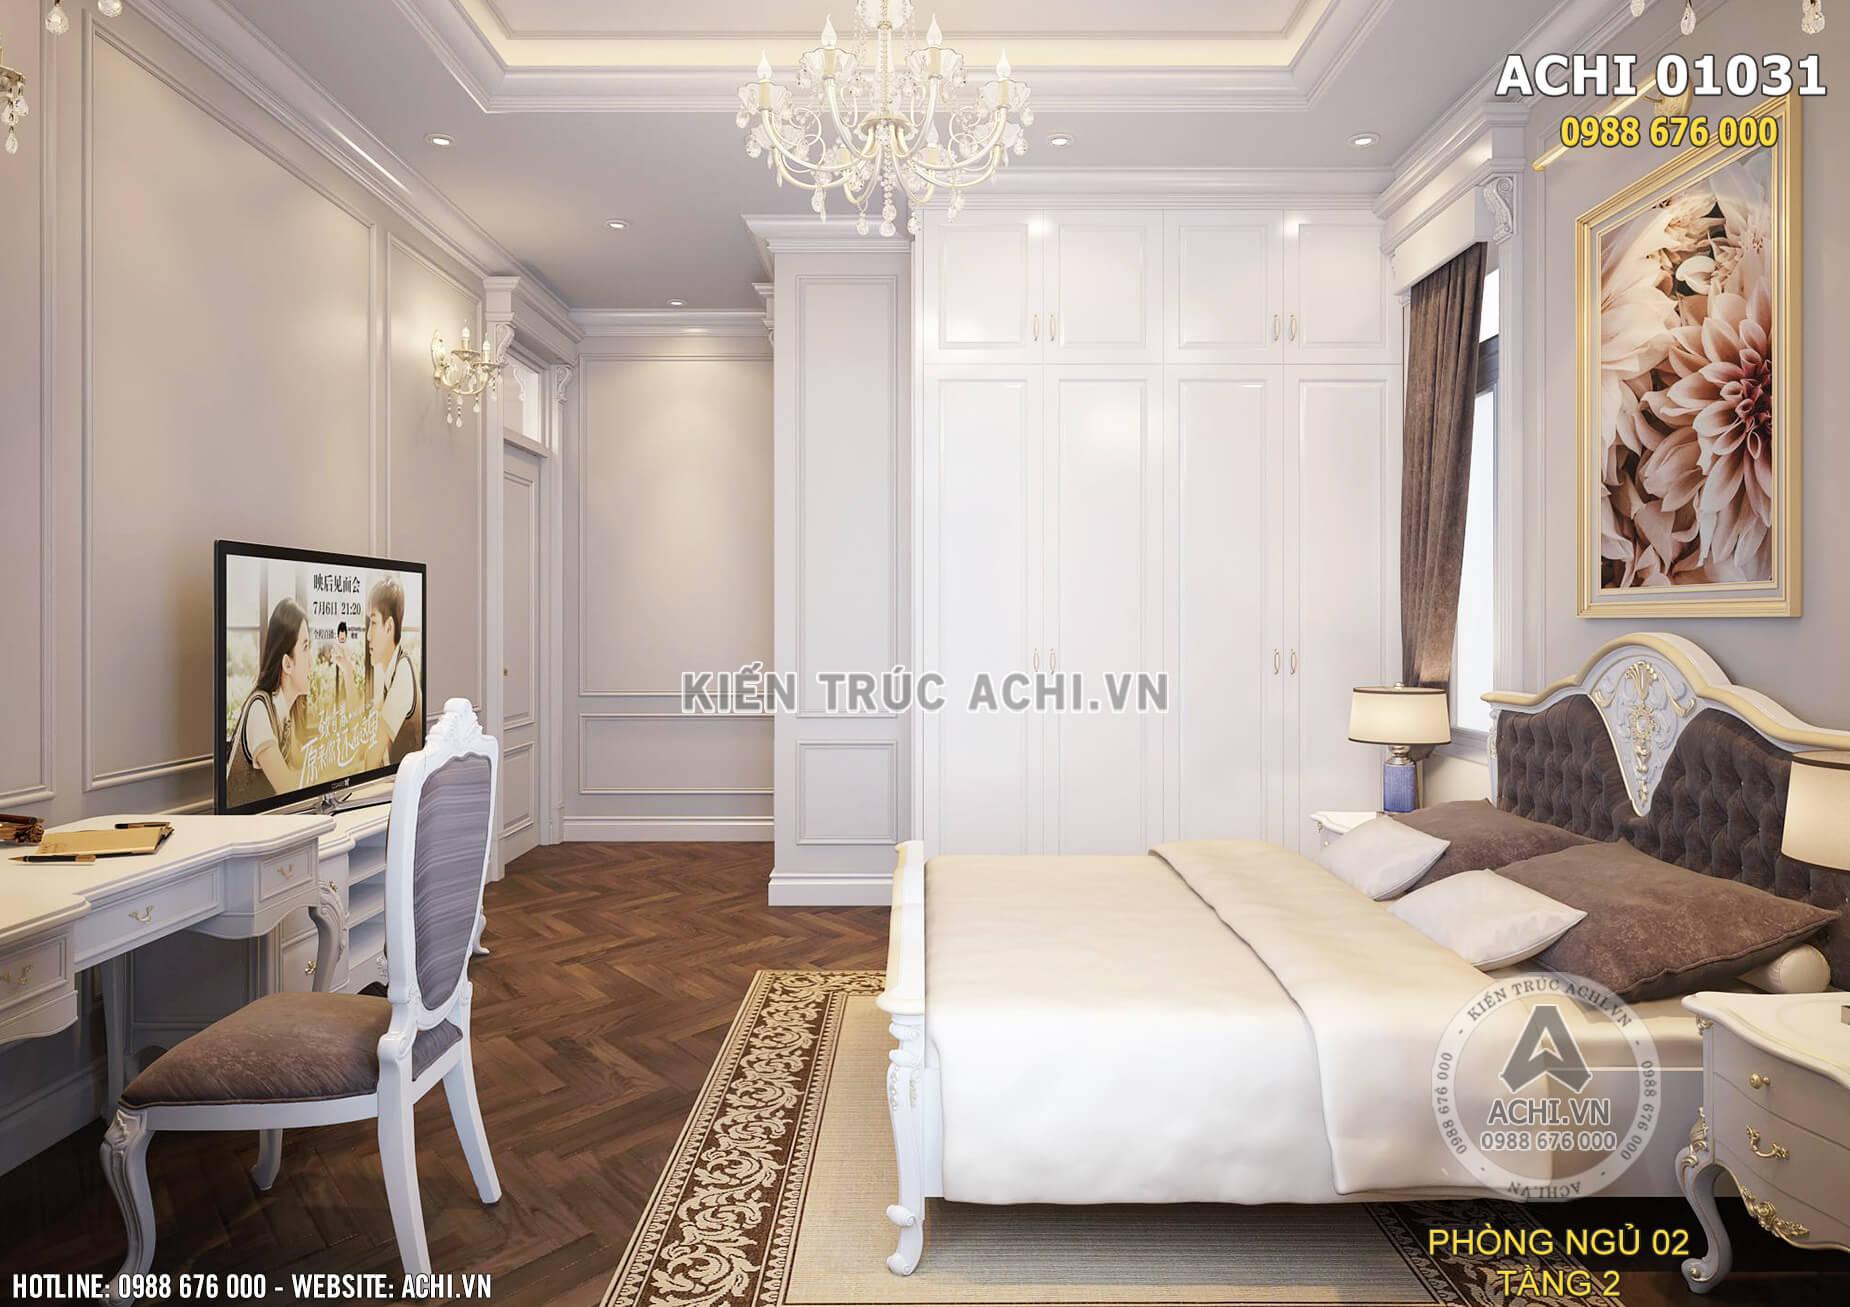 Các món đồ nội thất trong phòng ngủ được thiết kế tỉ mỉ, chi tiết